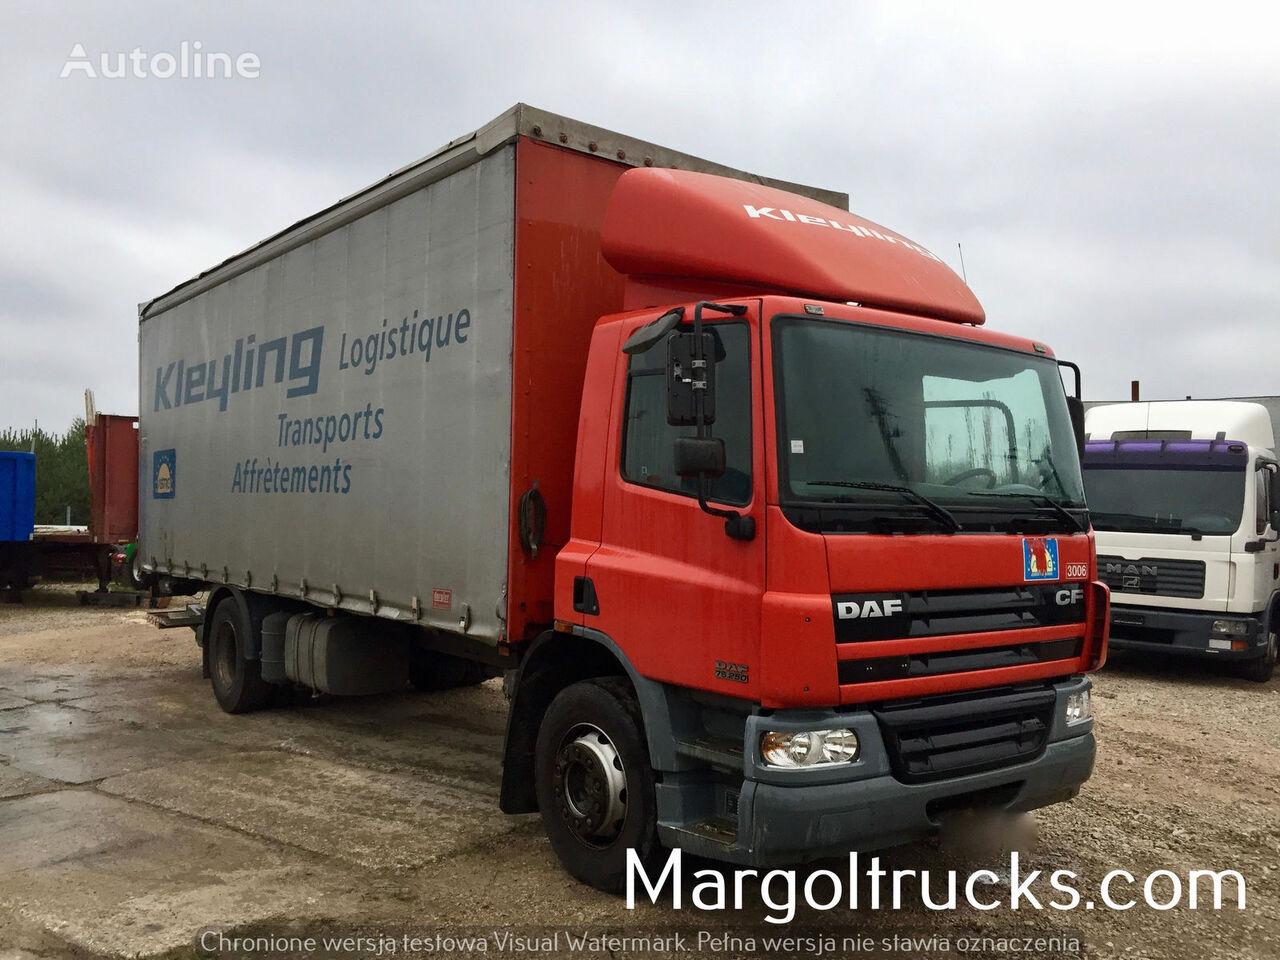 DAF CF 55 tilt truck